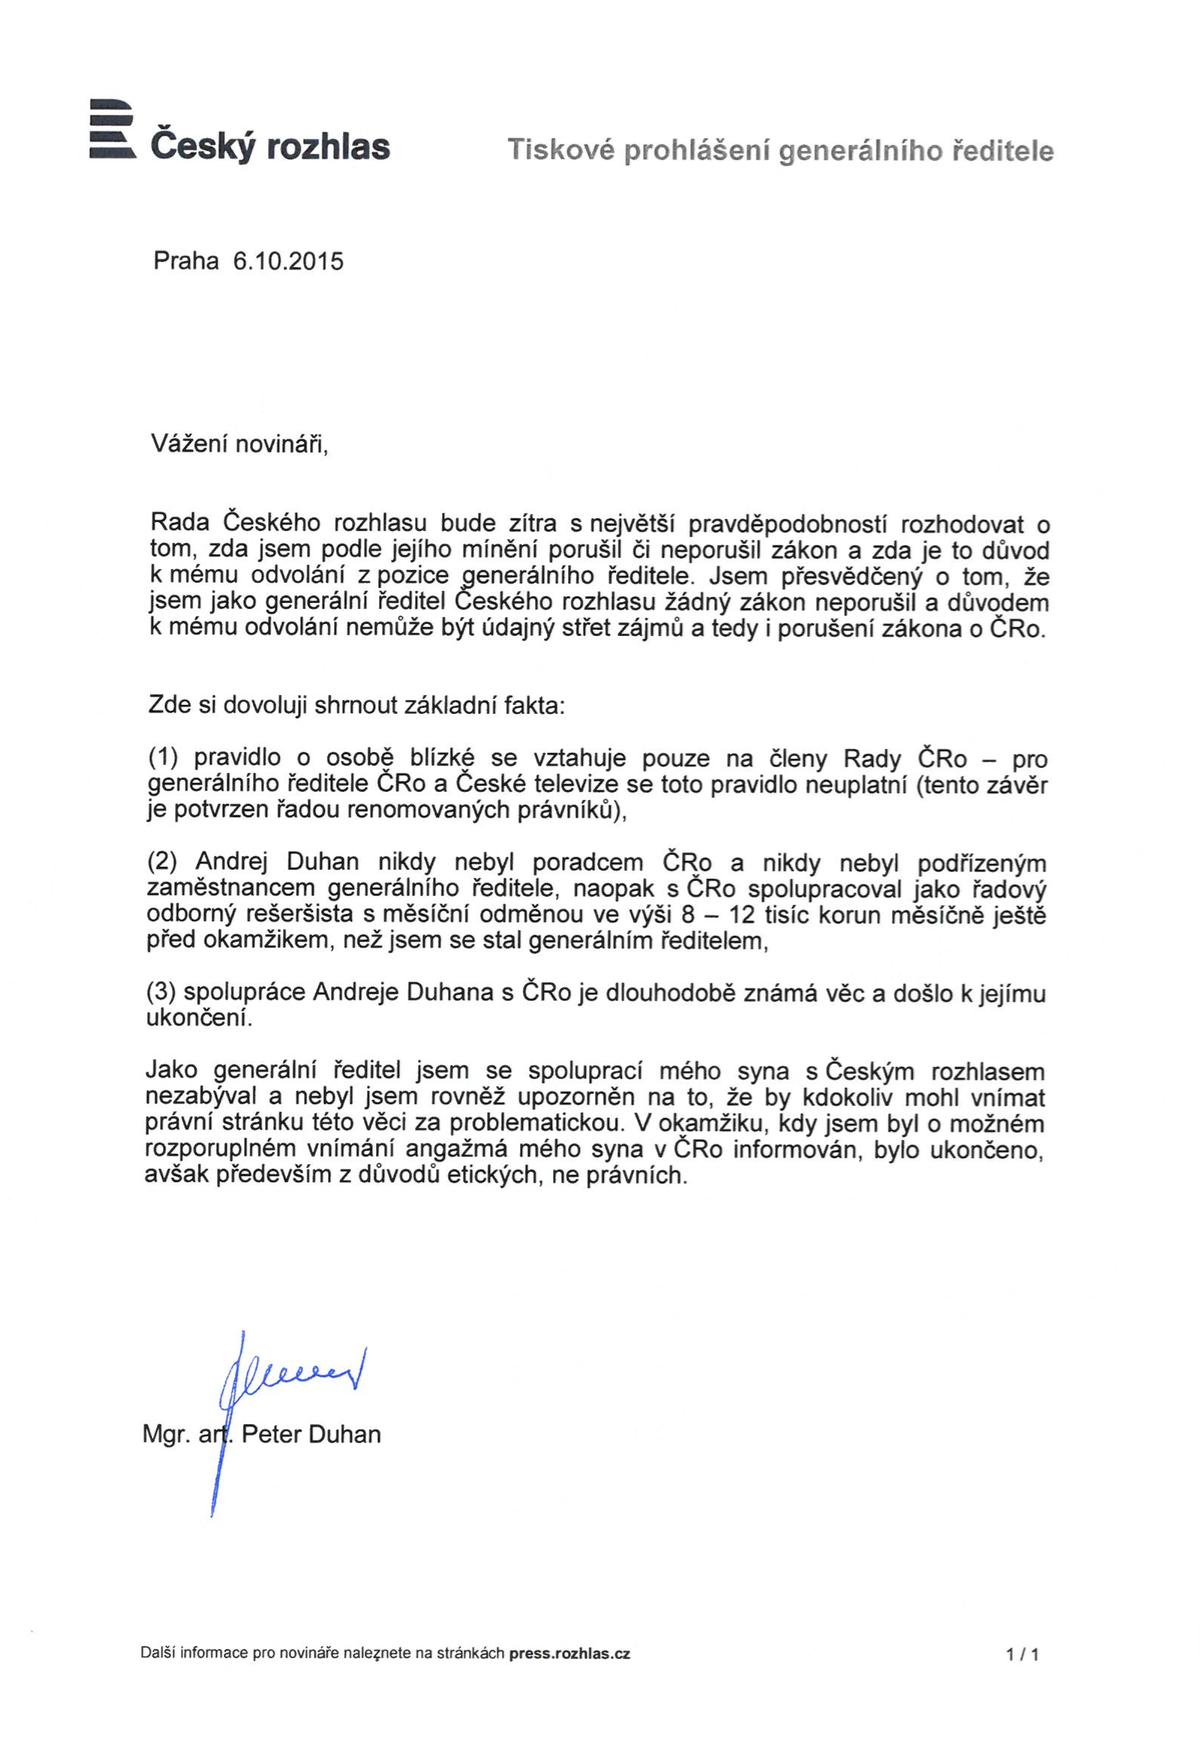 Tiskové prohlášení Petera Duhana z 6. 10. 2015